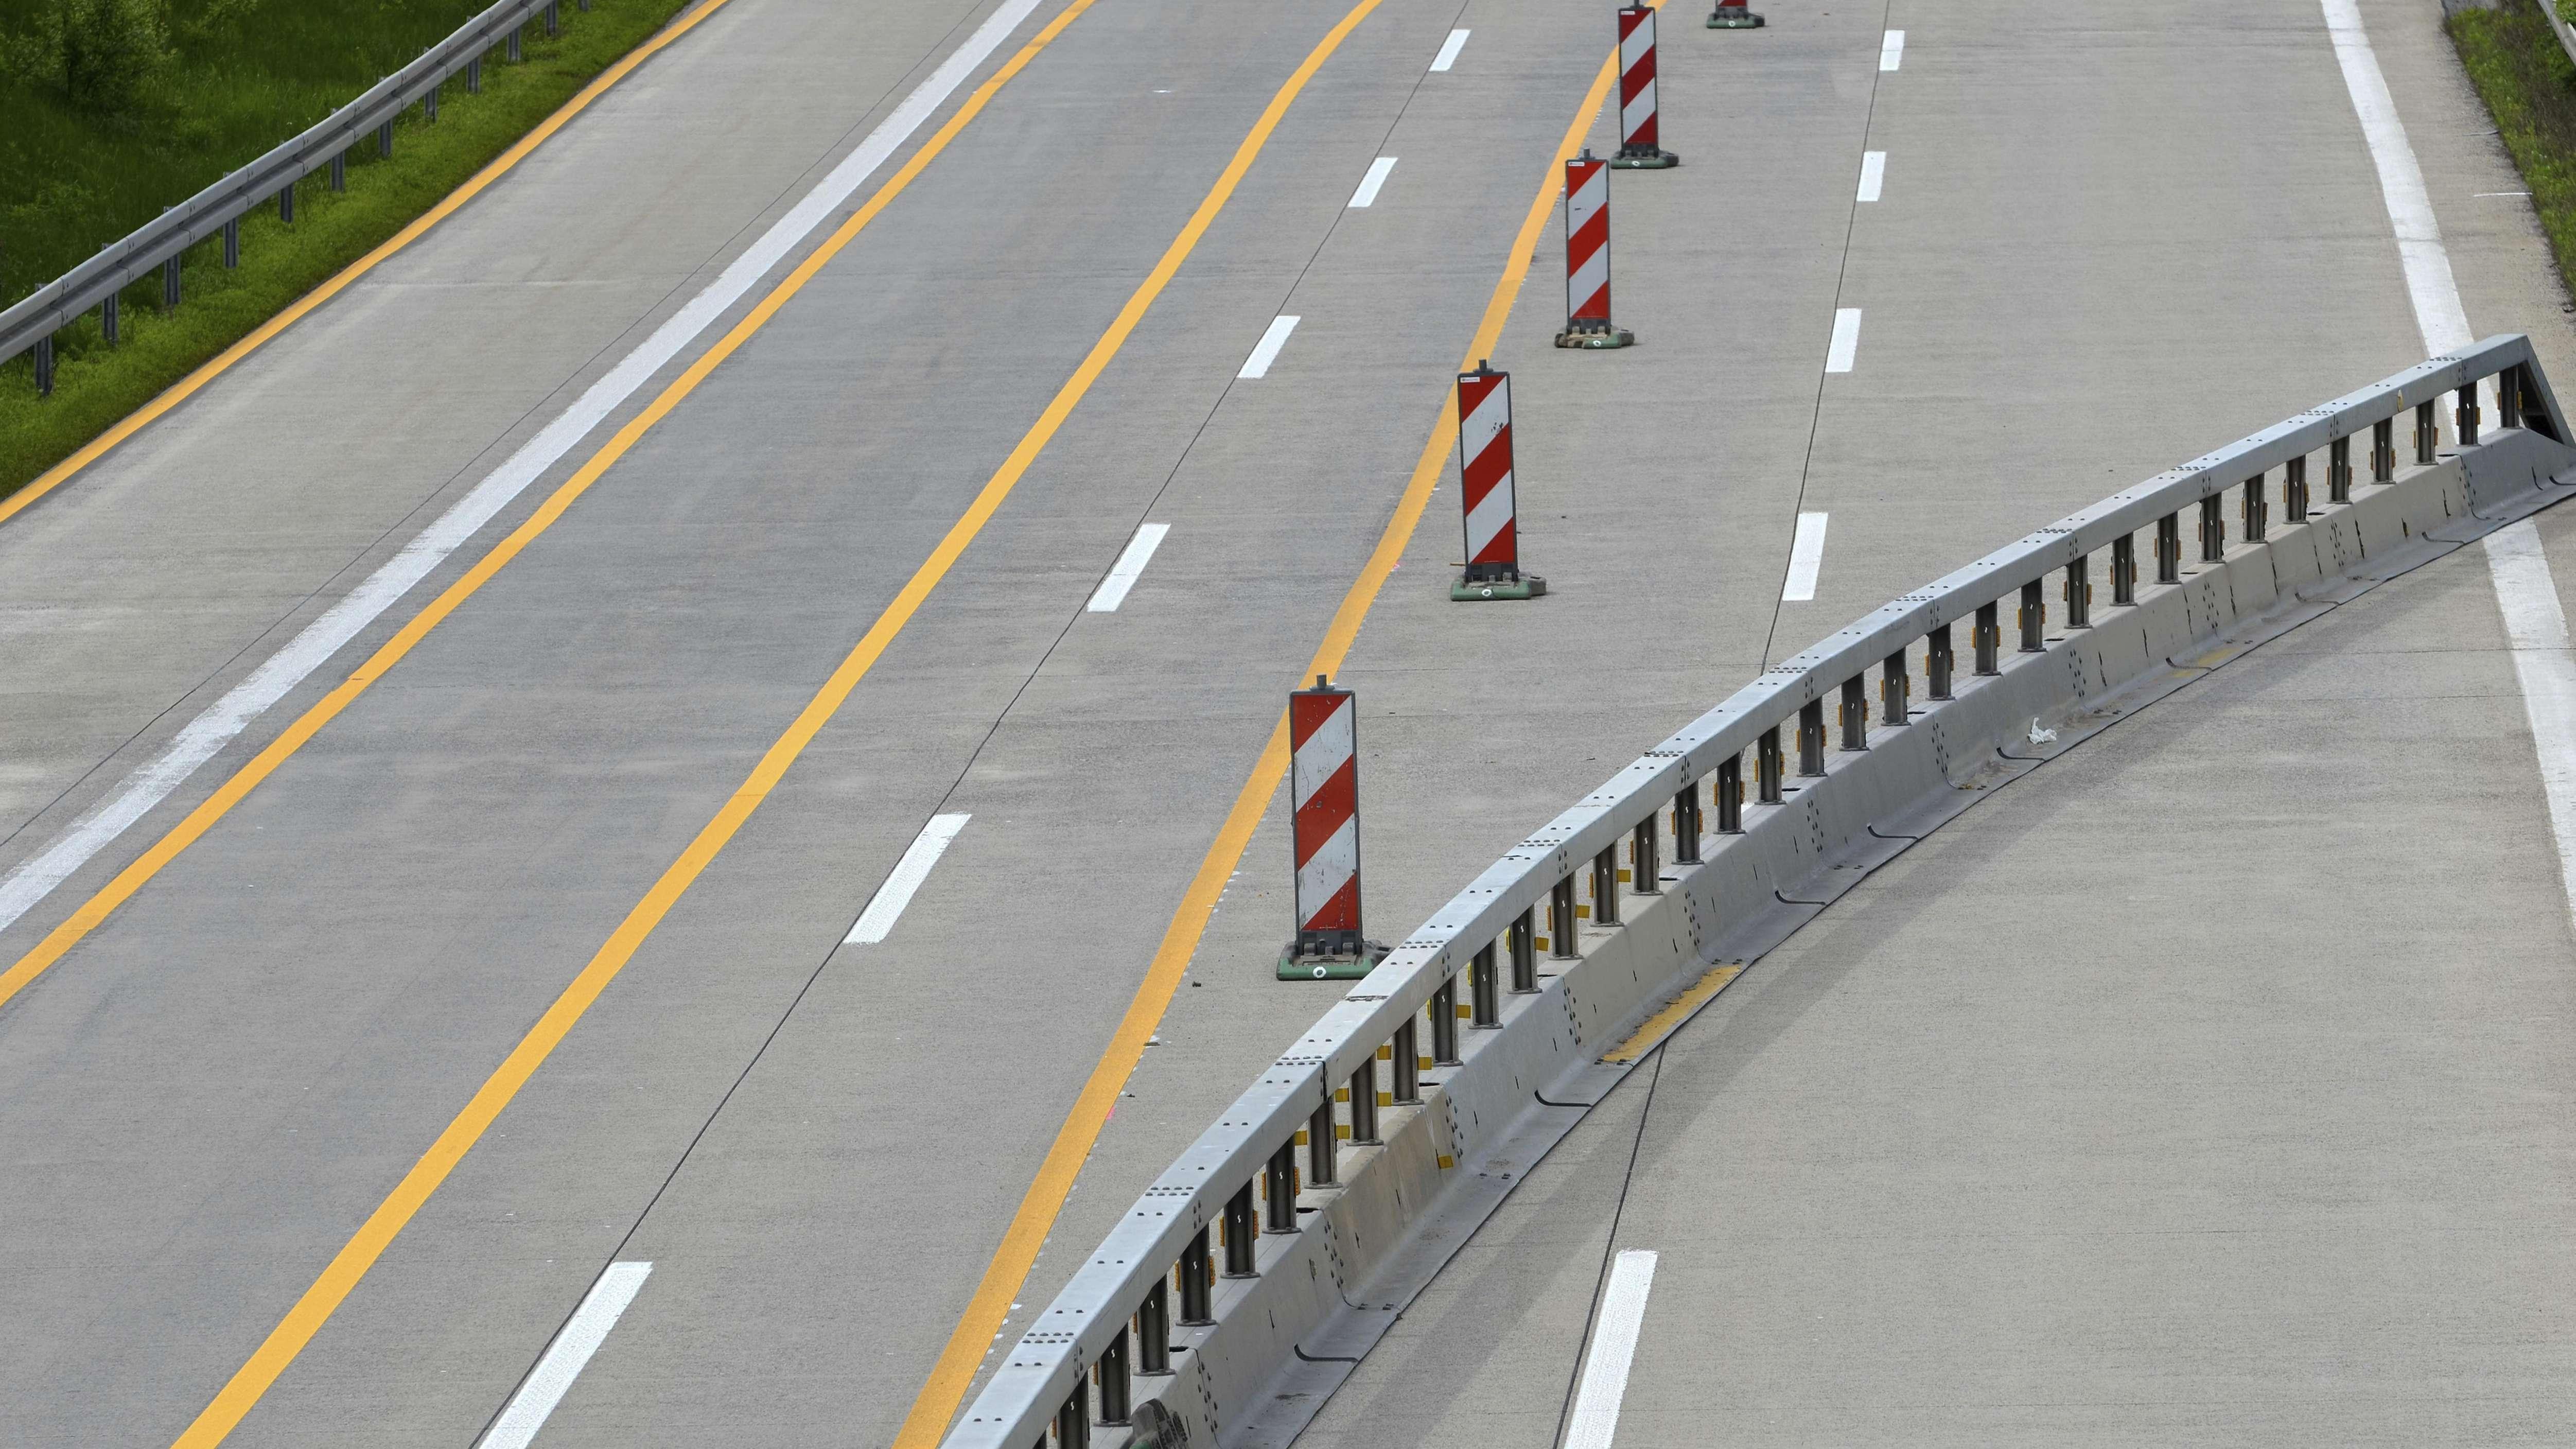 Baustelle auf der Autobahn (Symbolbild)